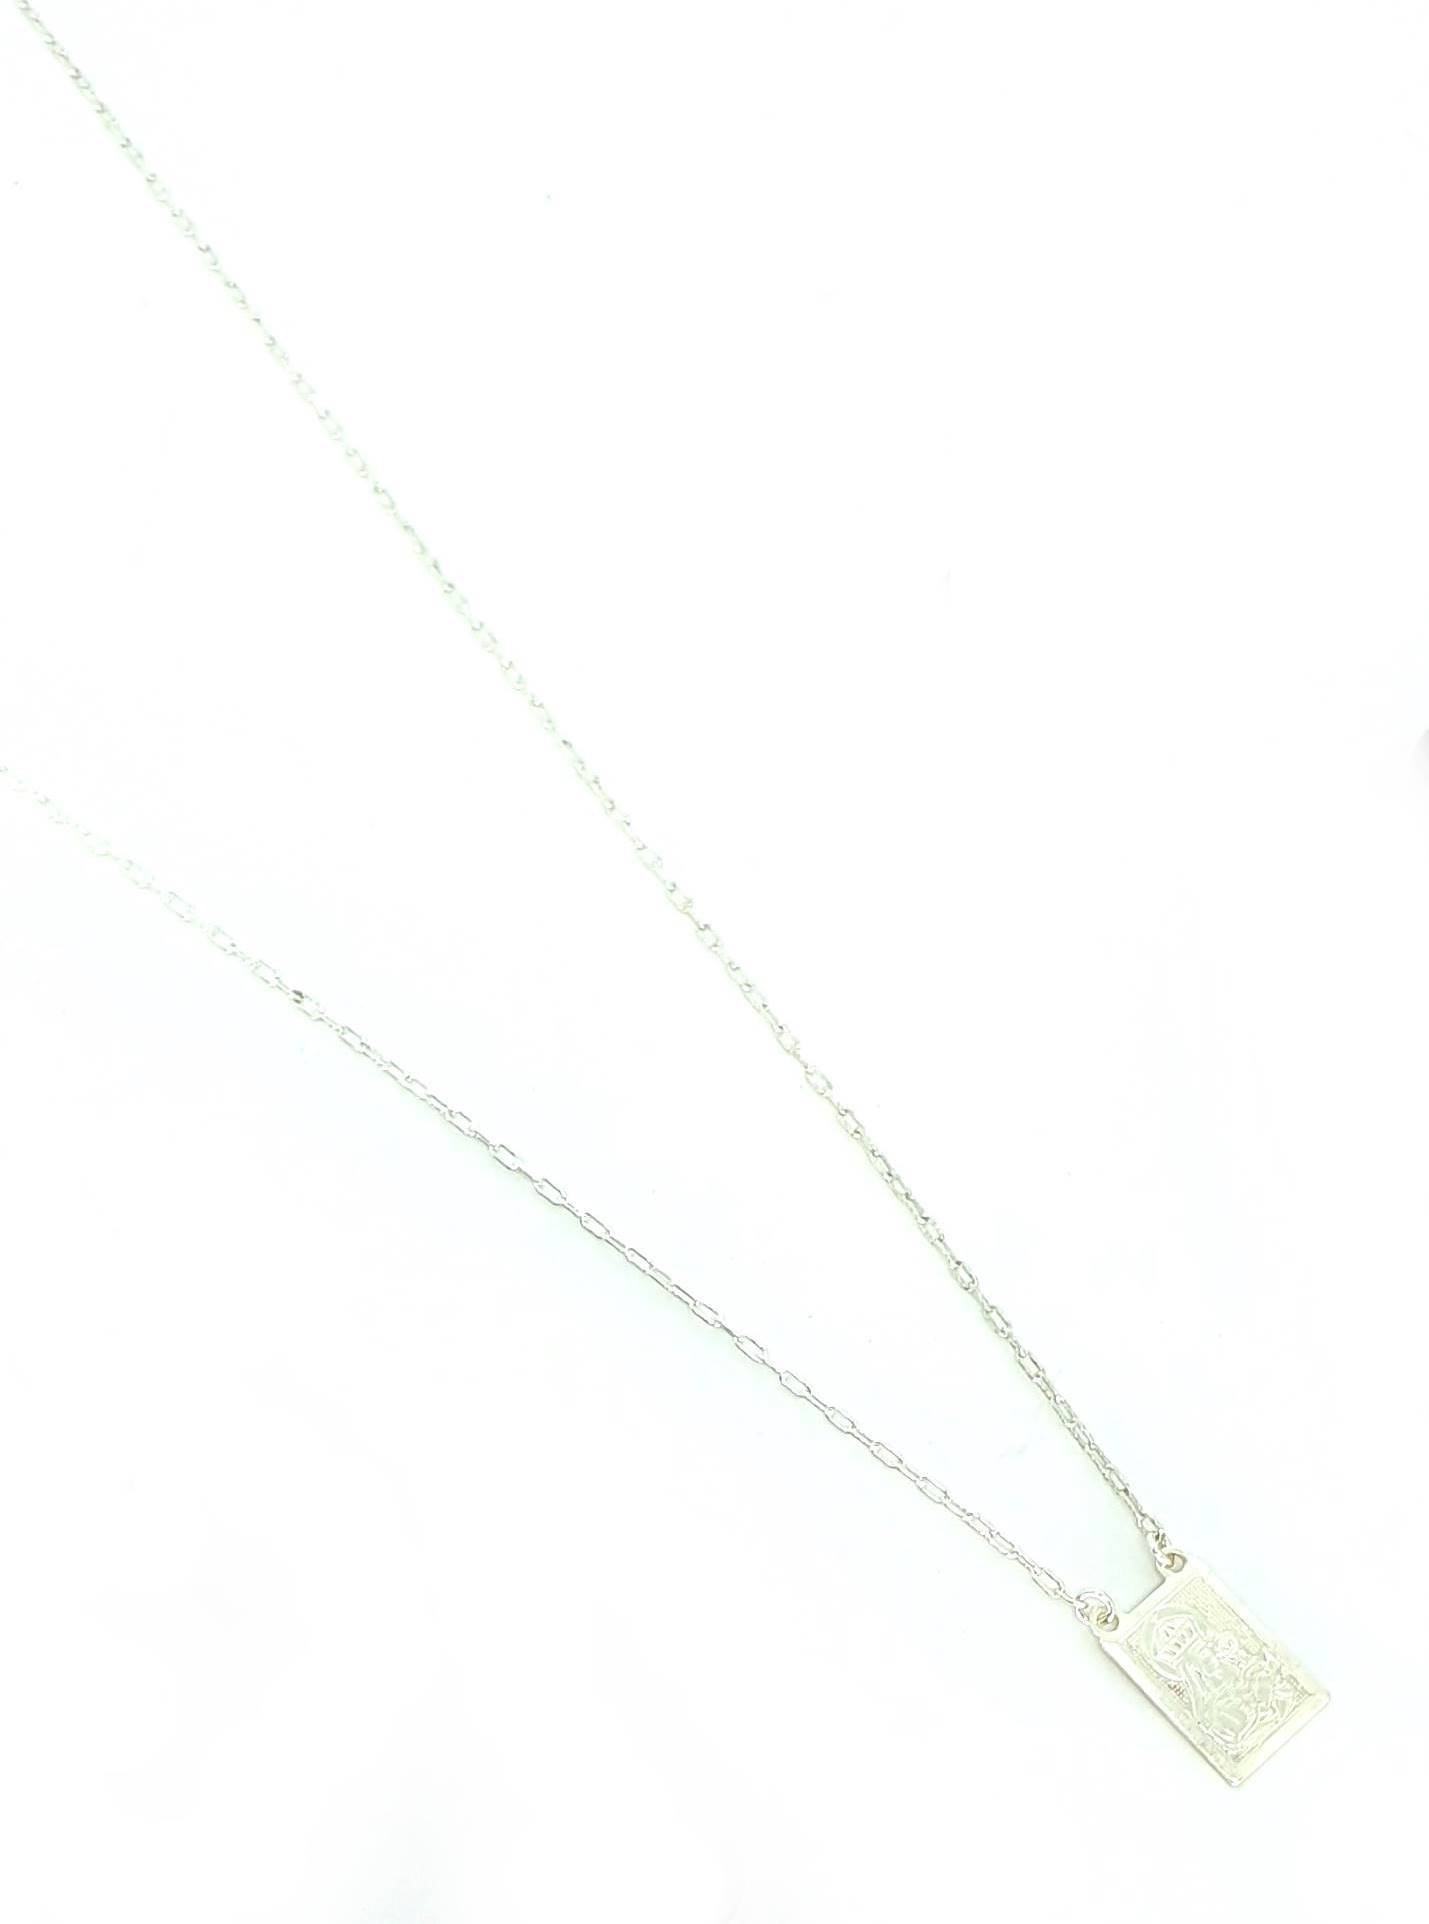 Escapulário-de-Prata-925-new-emporiotop-emporio-top